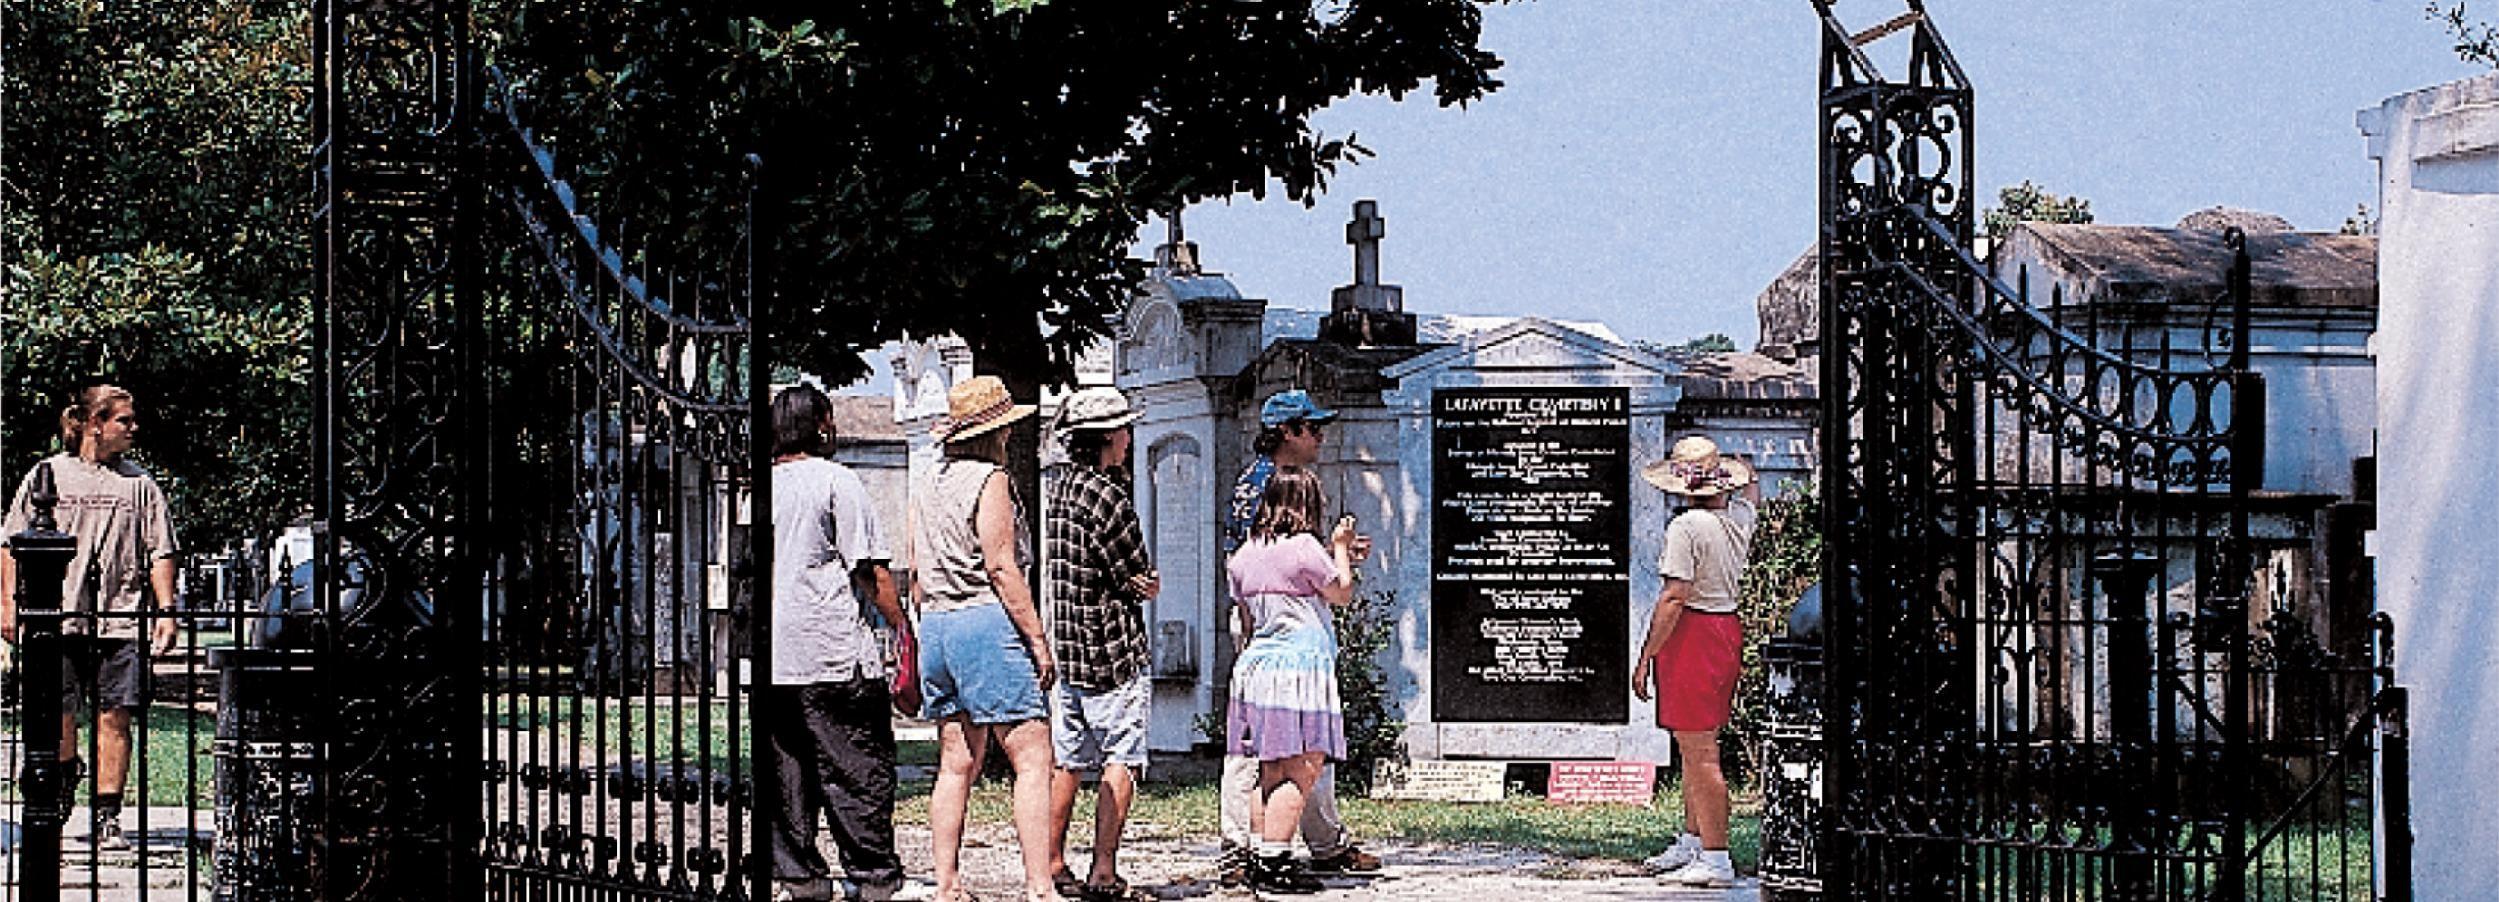 Nueva Orleans: recorrido a pie de 2 horas por el distrito de jardines y el cementerio